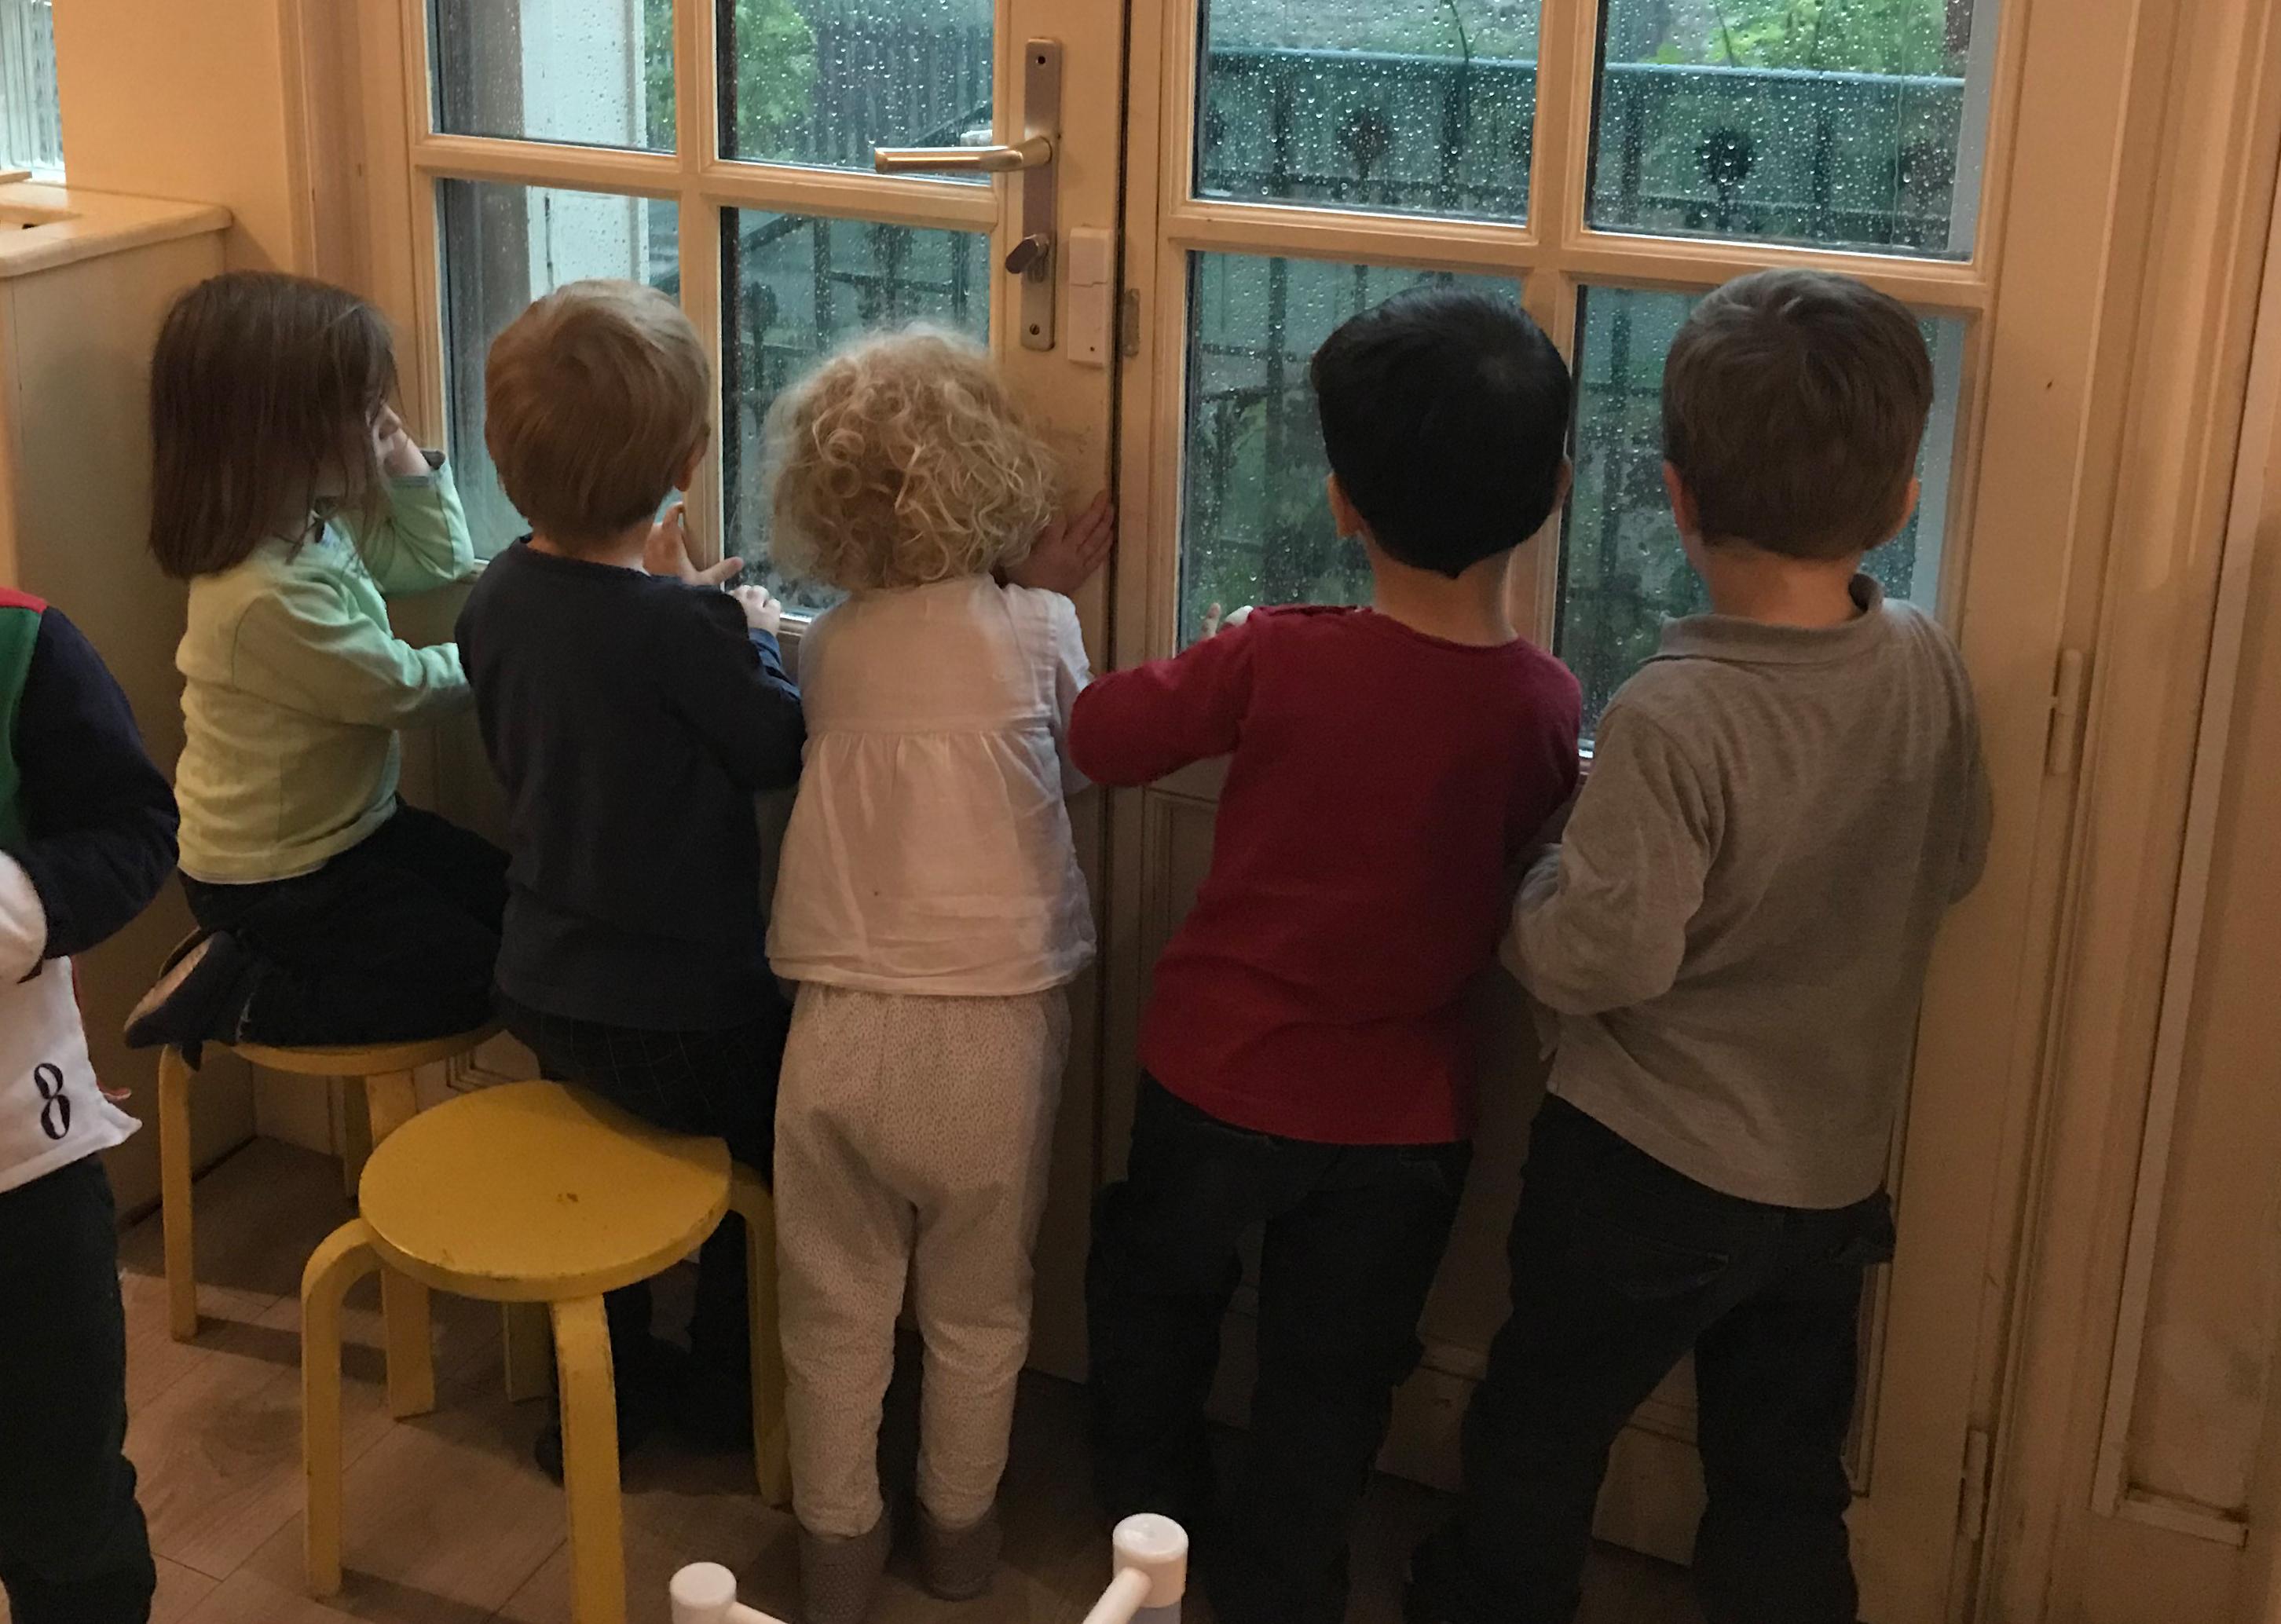 Crèche Chatou, Crèche associative Chatou, Crèche associative, Le Jardin des Petits Soleils, Jour de Tonnerre